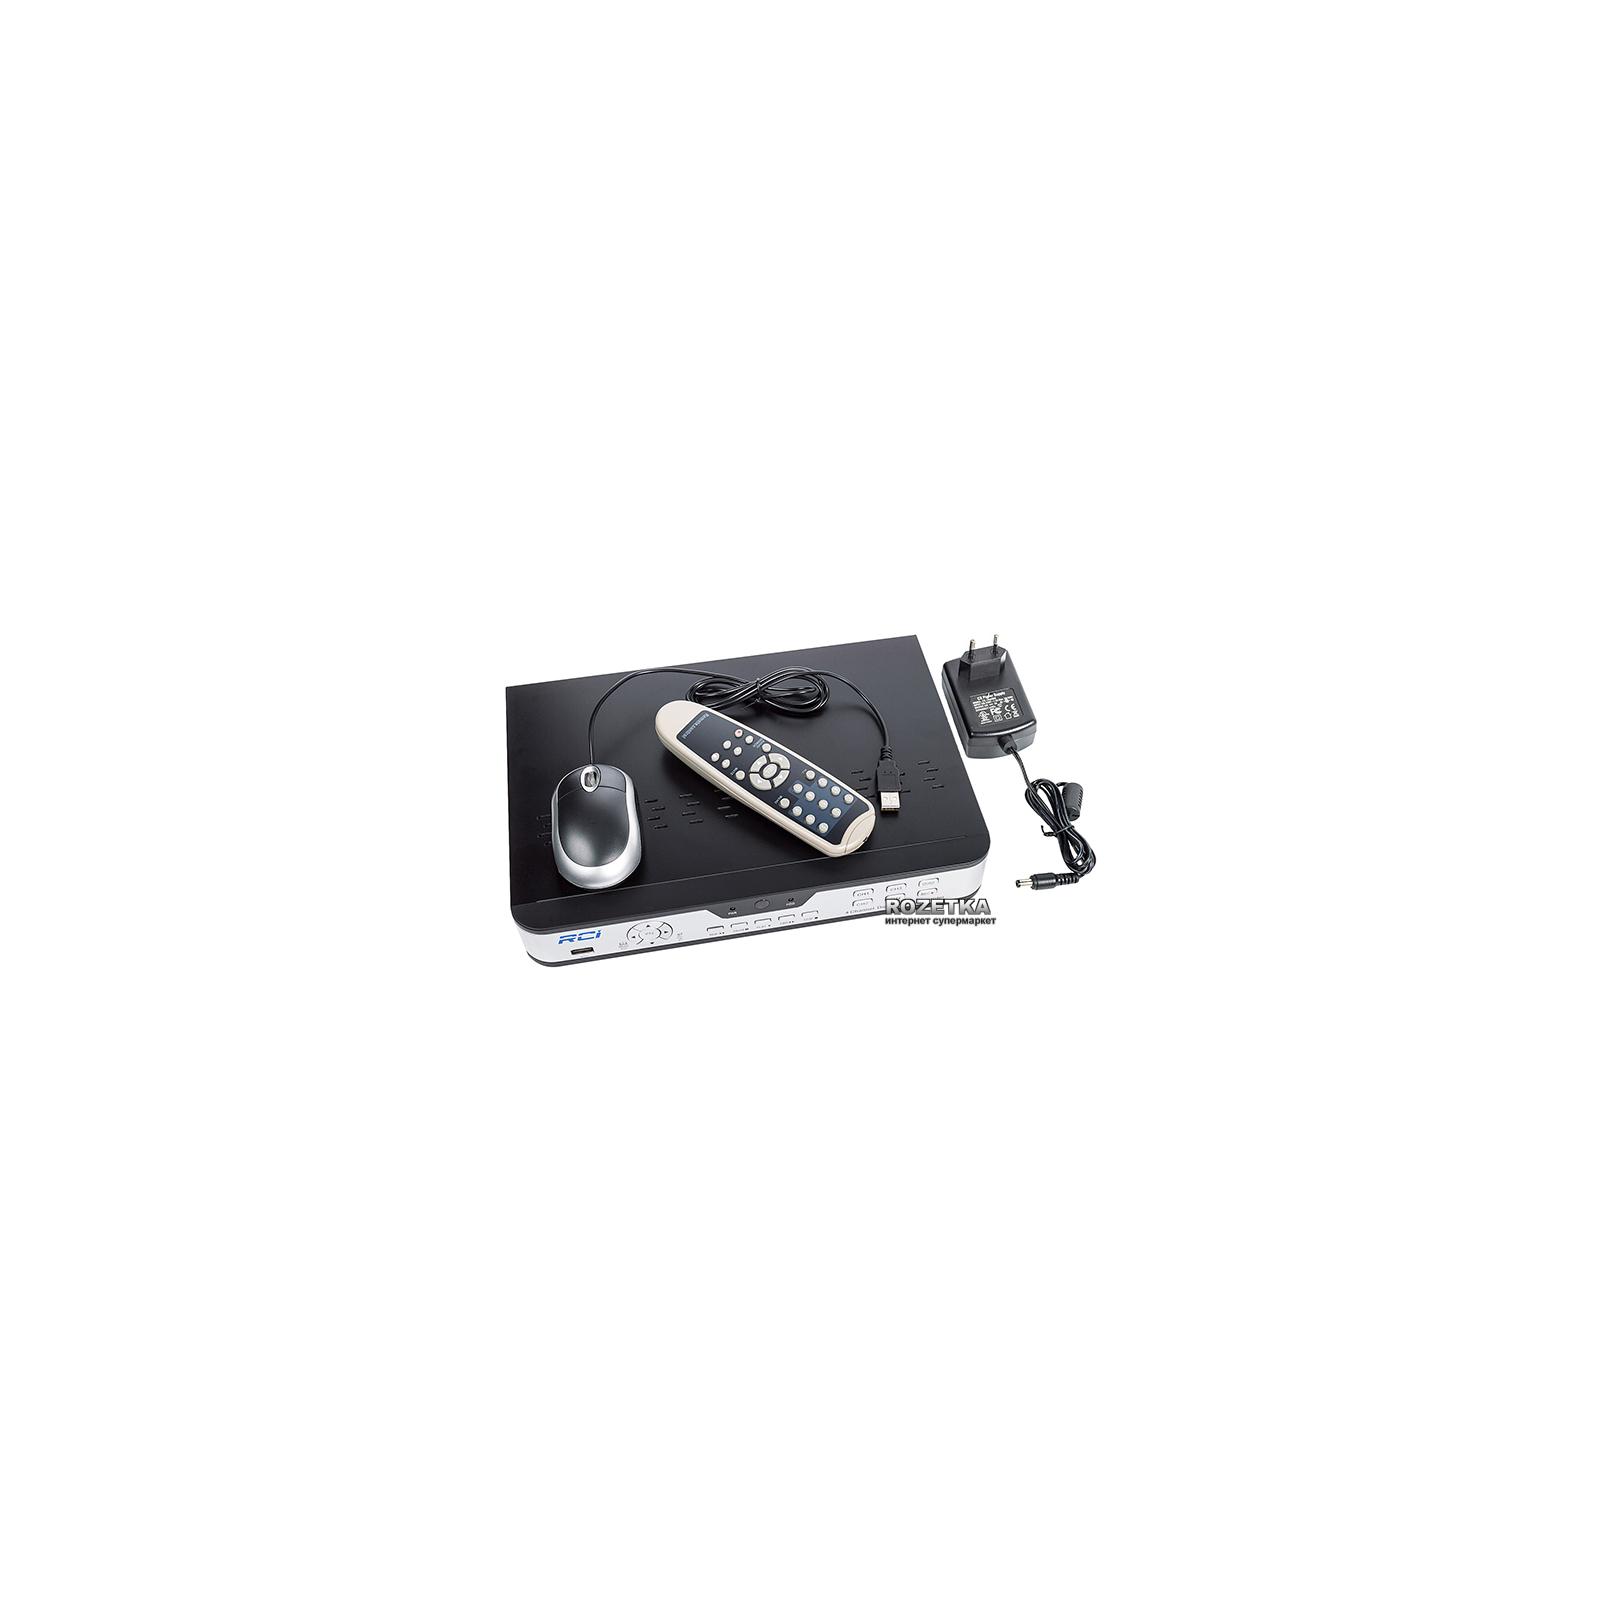 Регистратор для видеонаблюдения RCI RV960H-4S изображение 3